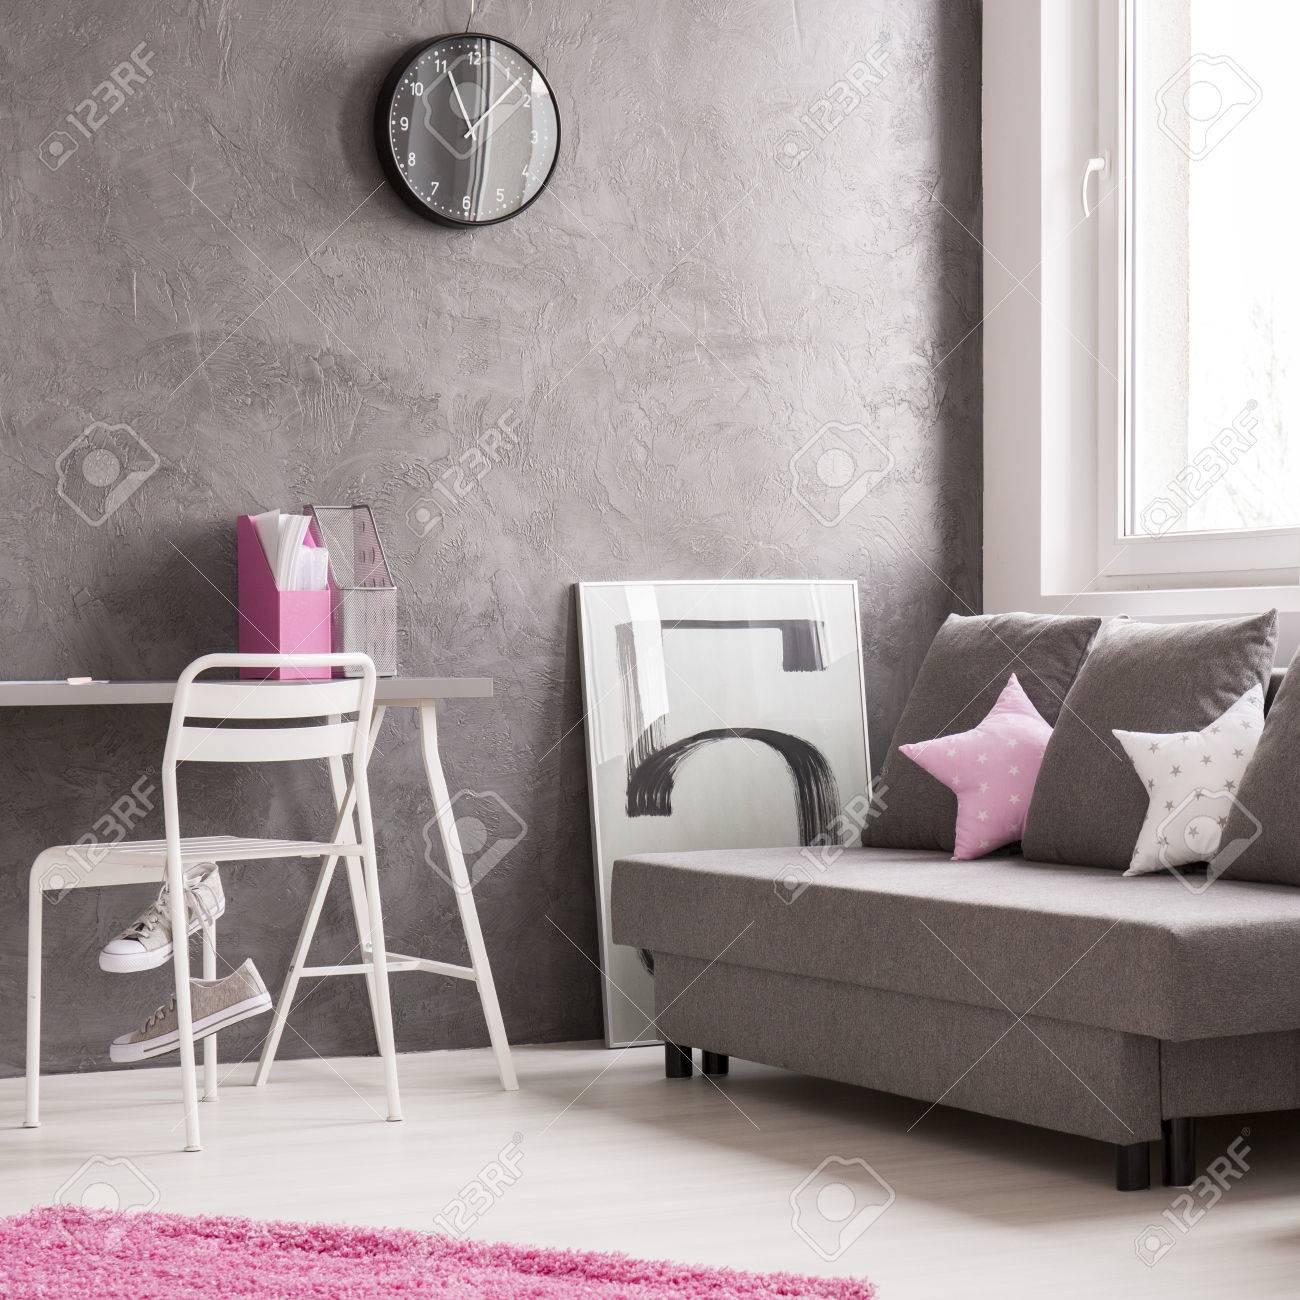 Minimalist Moderne Wohnung Für Studenten In Grau Und Rosa Mit Sofa,  Schreibtisch Und Stuhl Standard